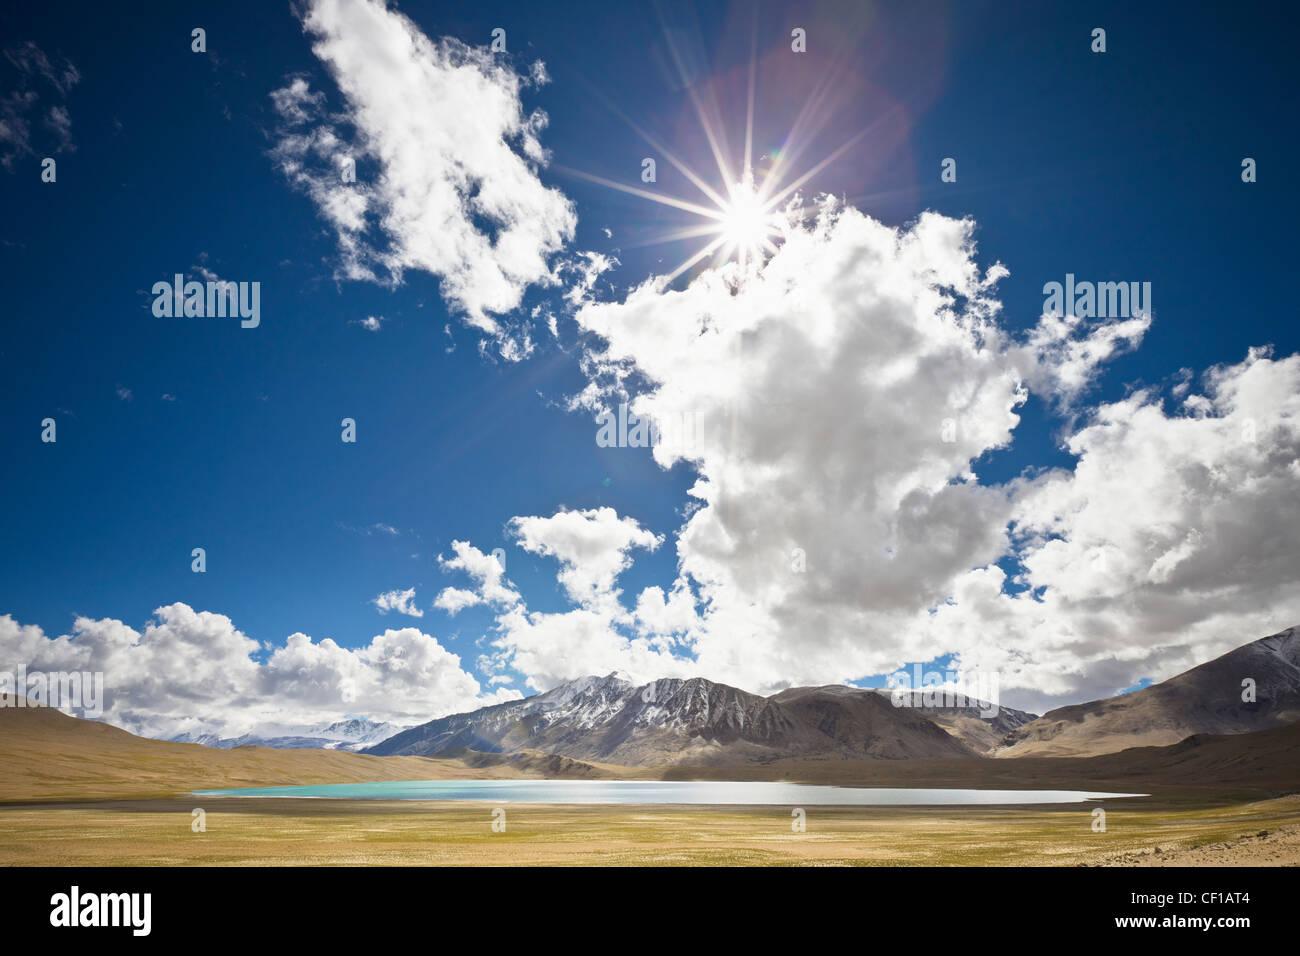 La luce del sole e la nube sulle sponde di un lago e montagne; Ladakh Jammu e Kashmir India Immagini Stock